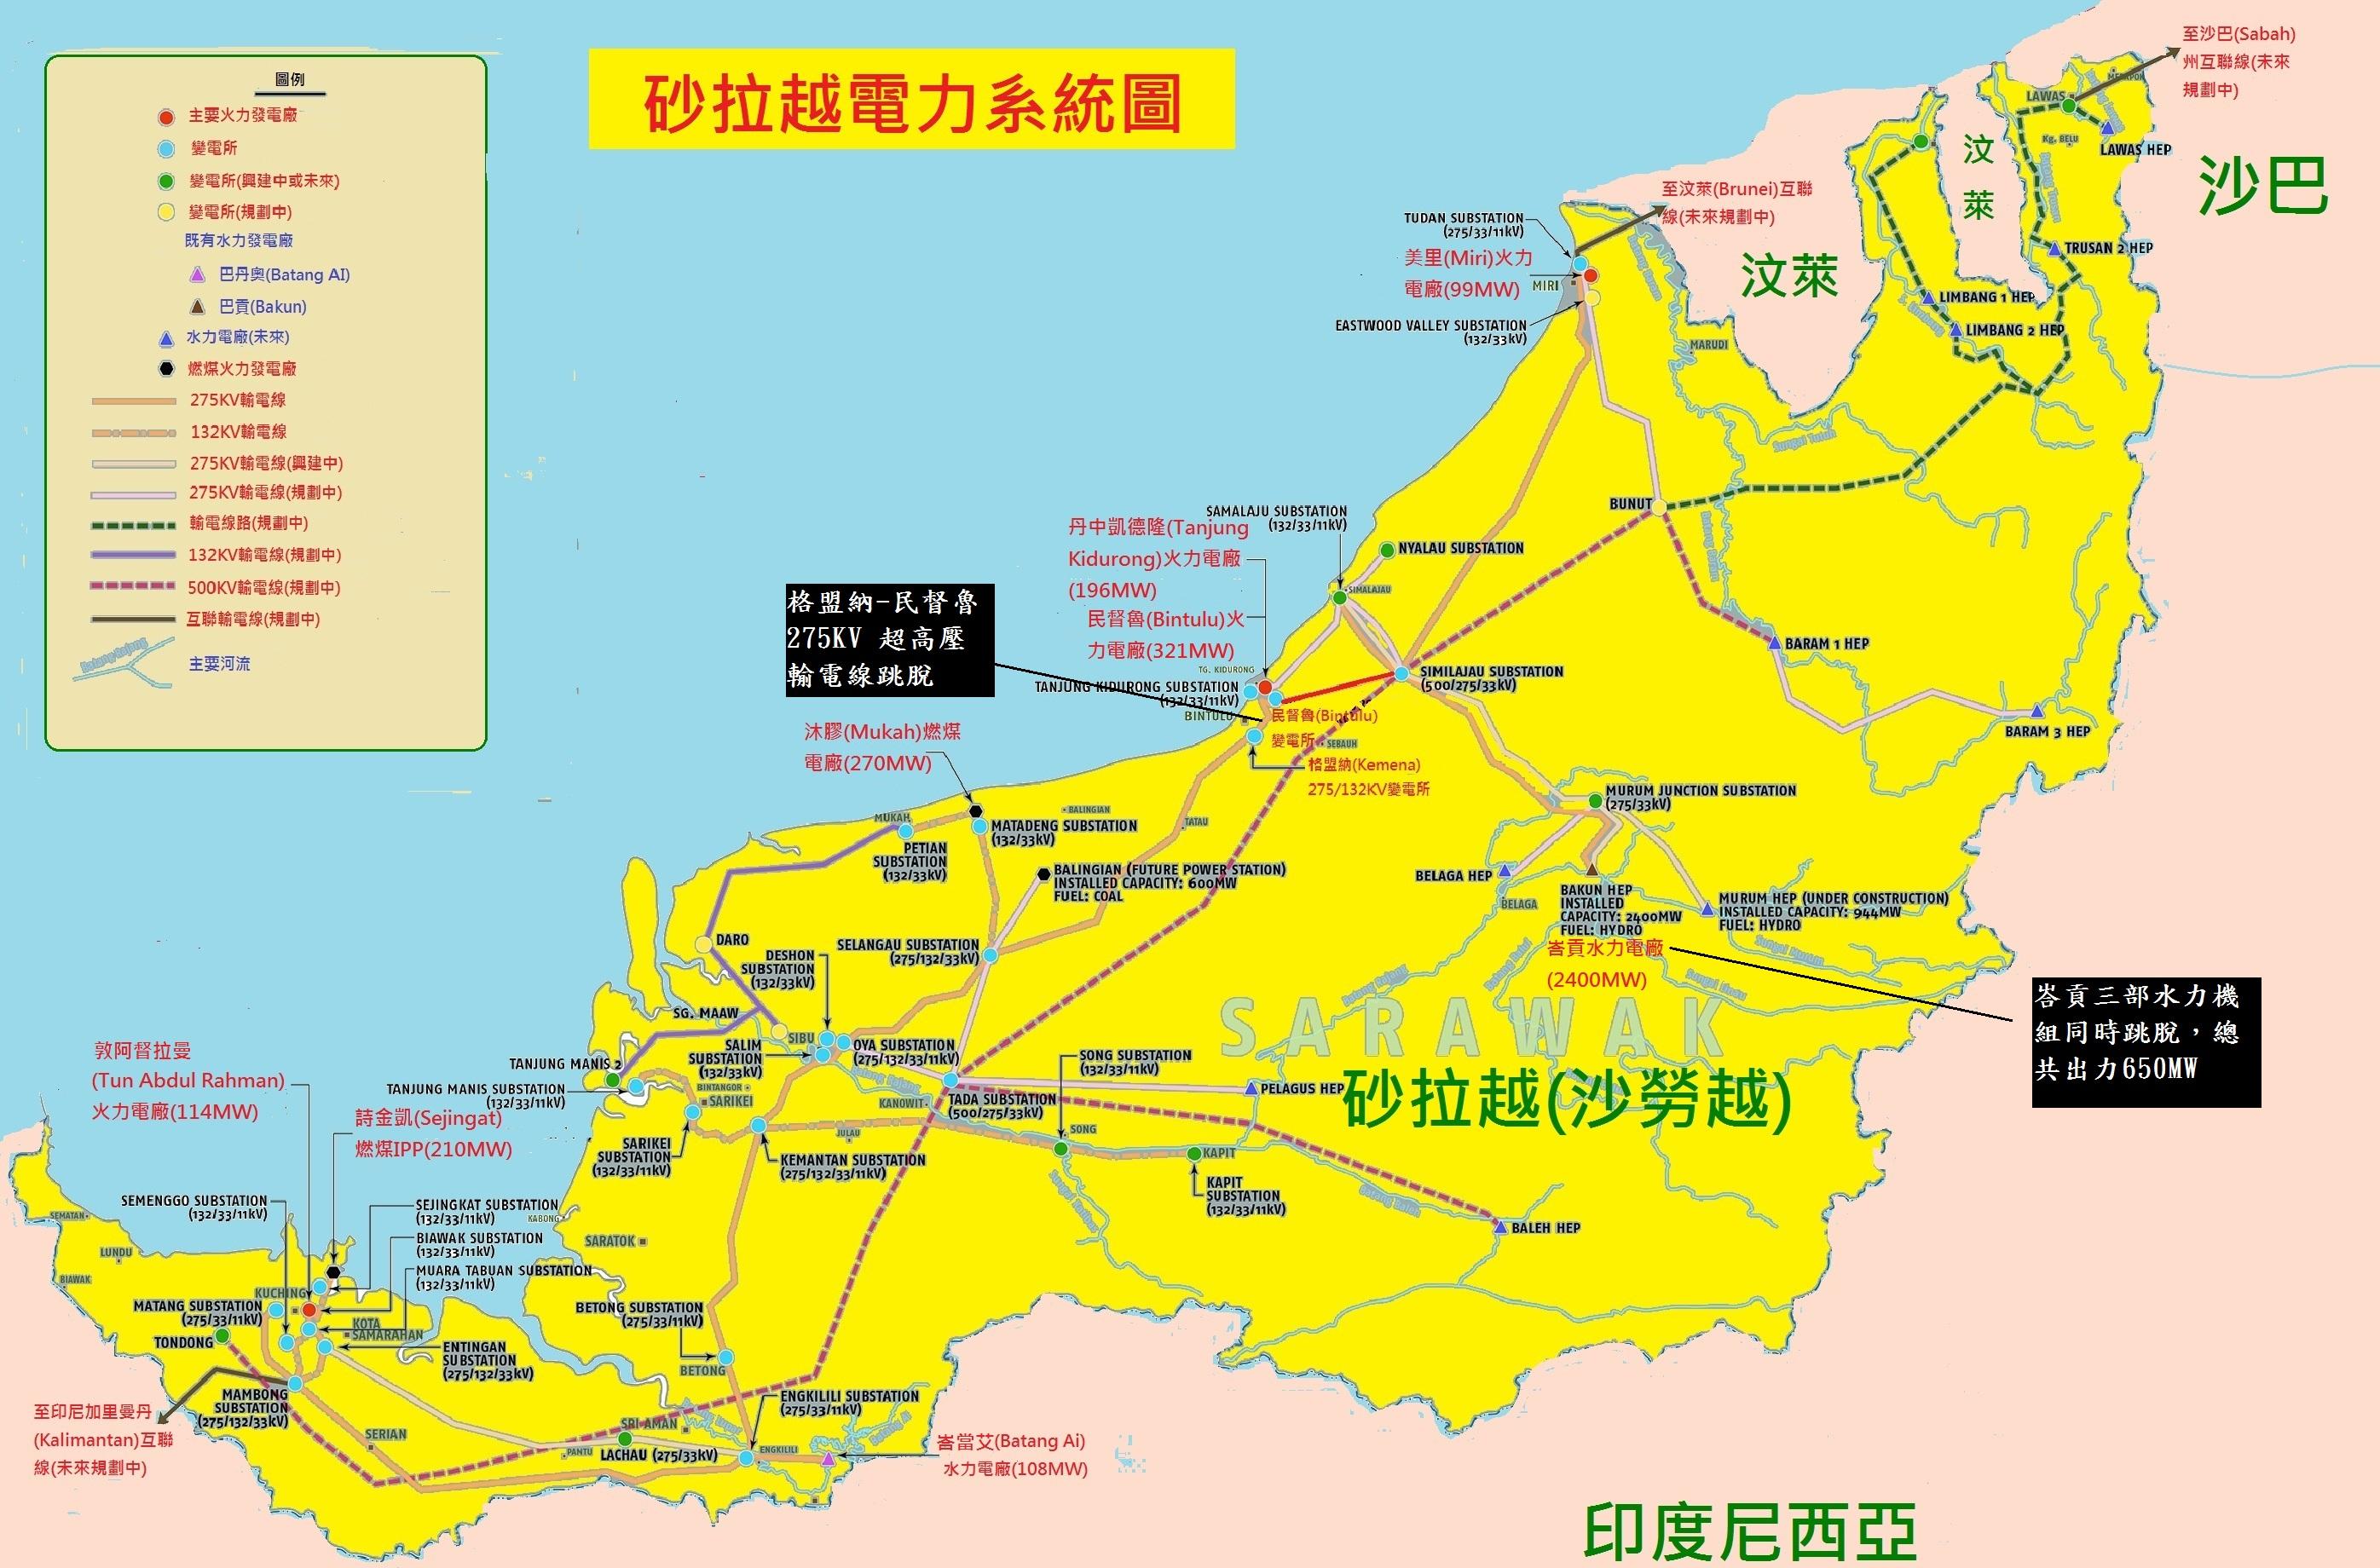 2013-6-27馬來西亞砂拉越(Sarawak)州大停電   Gordoncheng's Blog